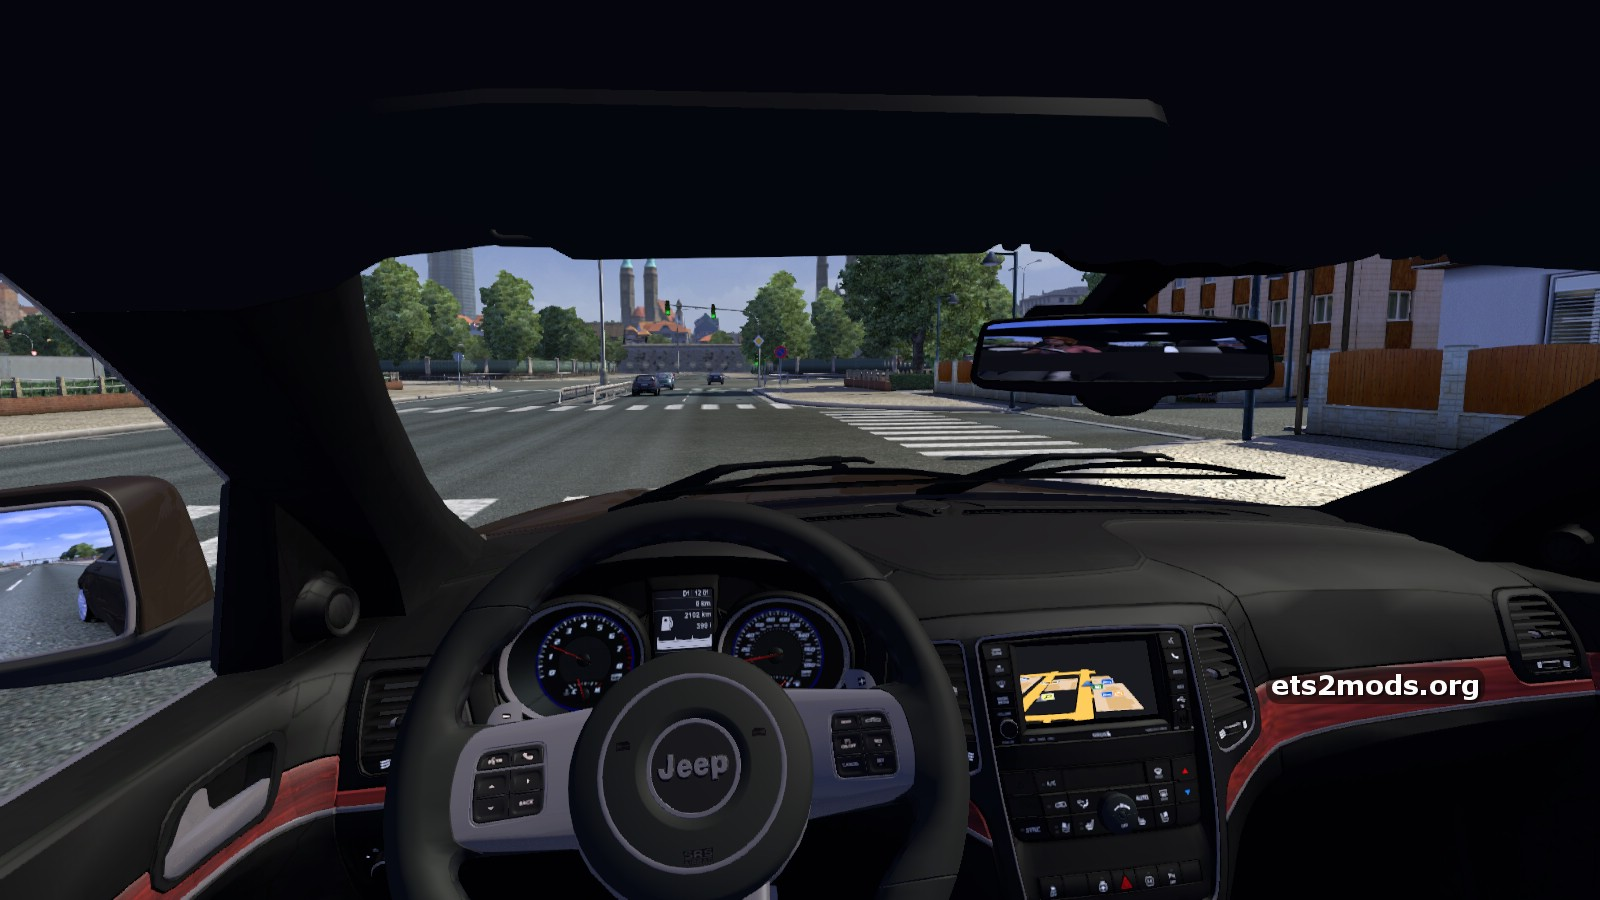 Euro truck simulator 2 скачать мод автомобиль ваз 2105 ets 2.